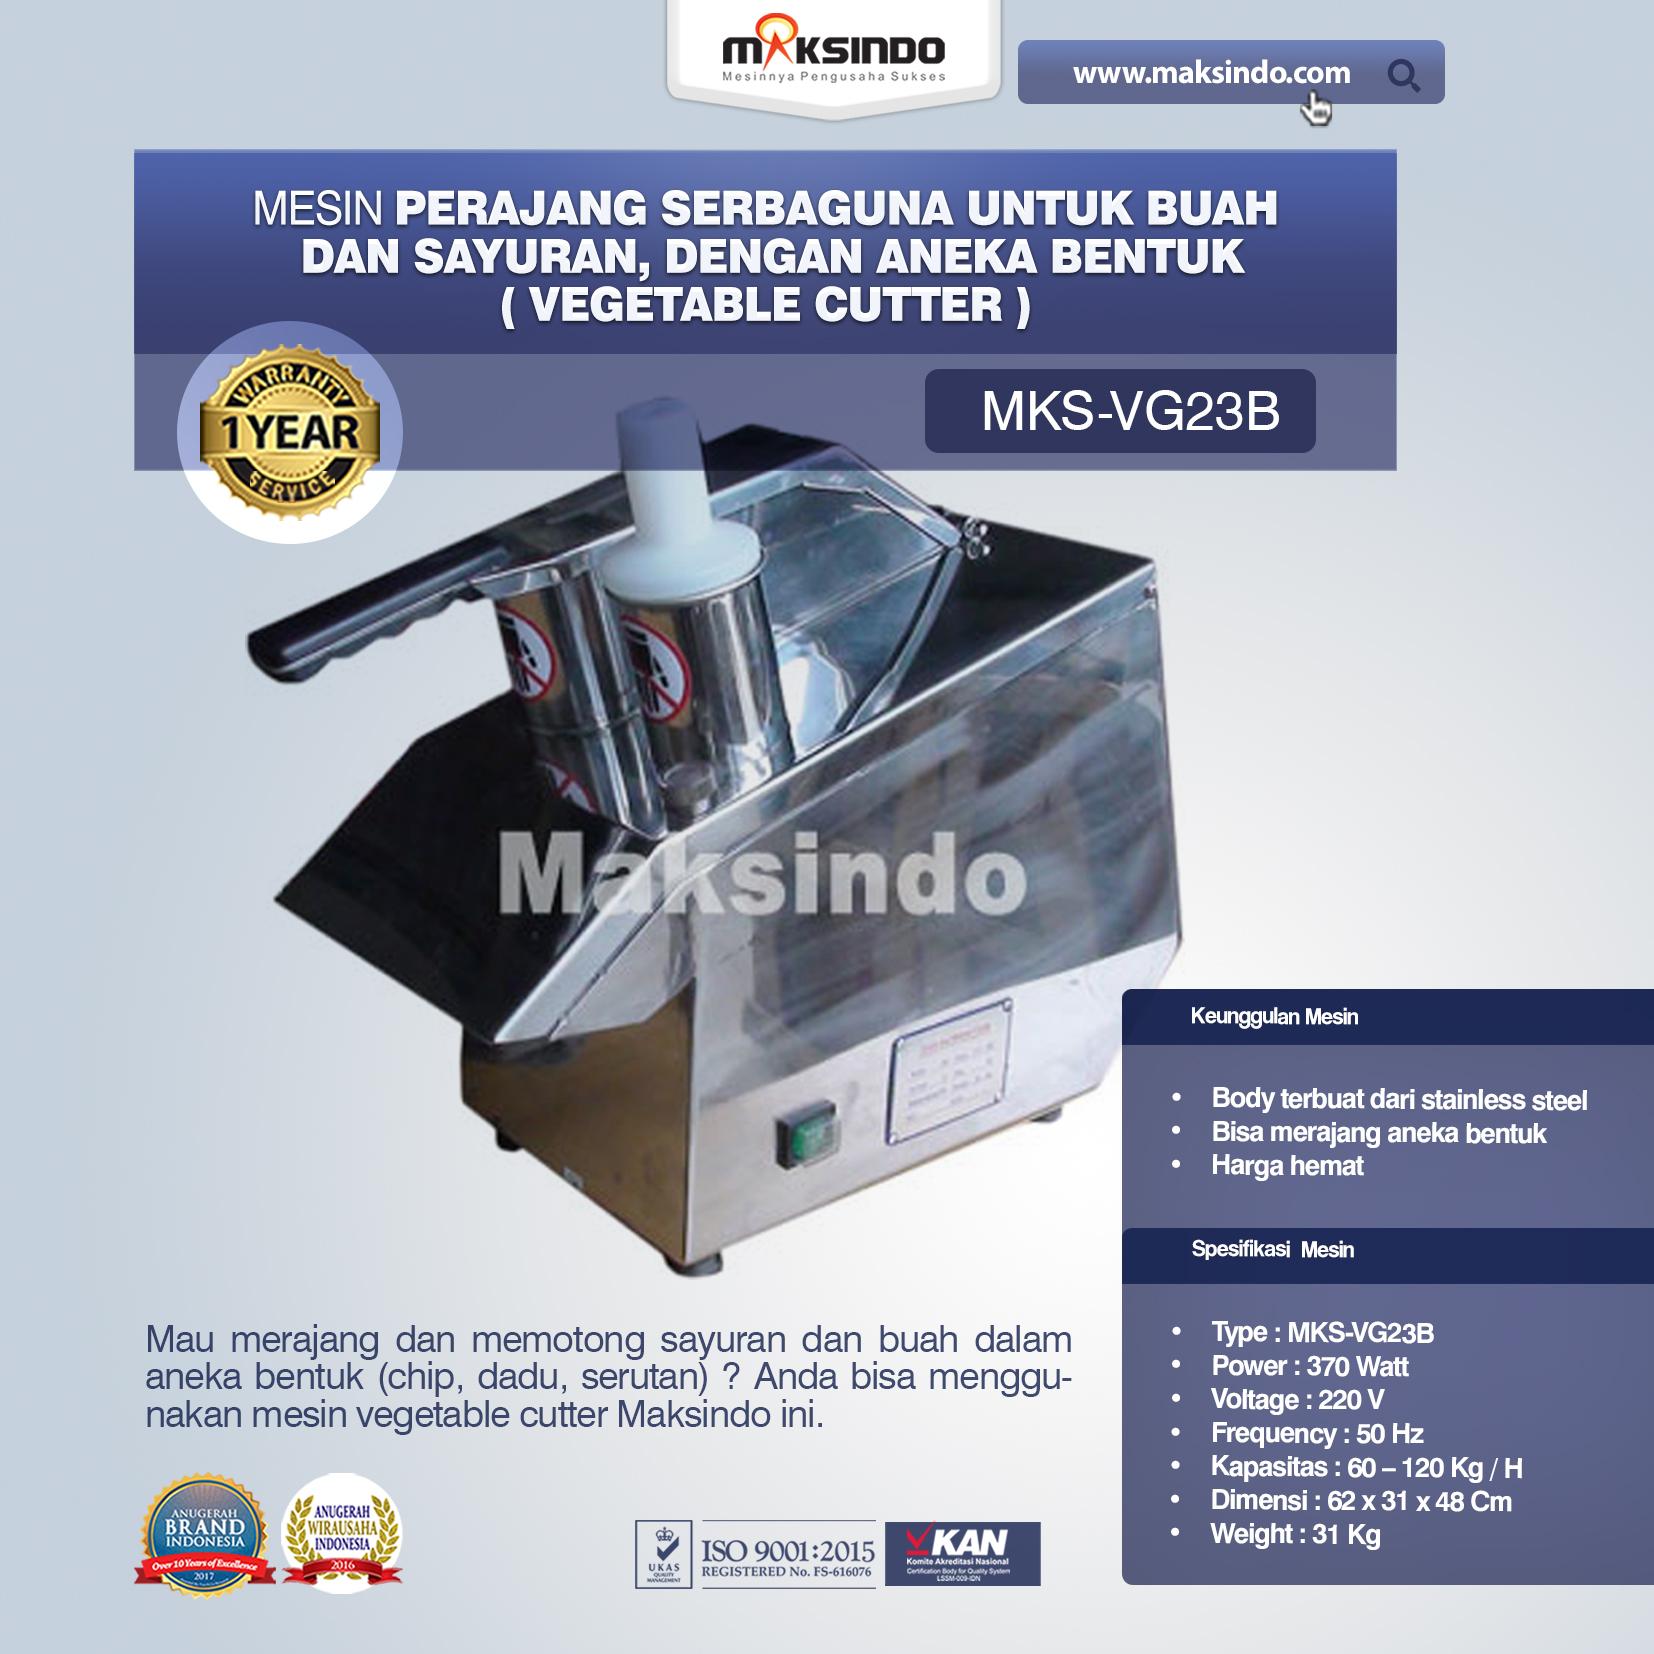 Jual Mesin Vegetable Cutter (MKS-VG23B) di Medan